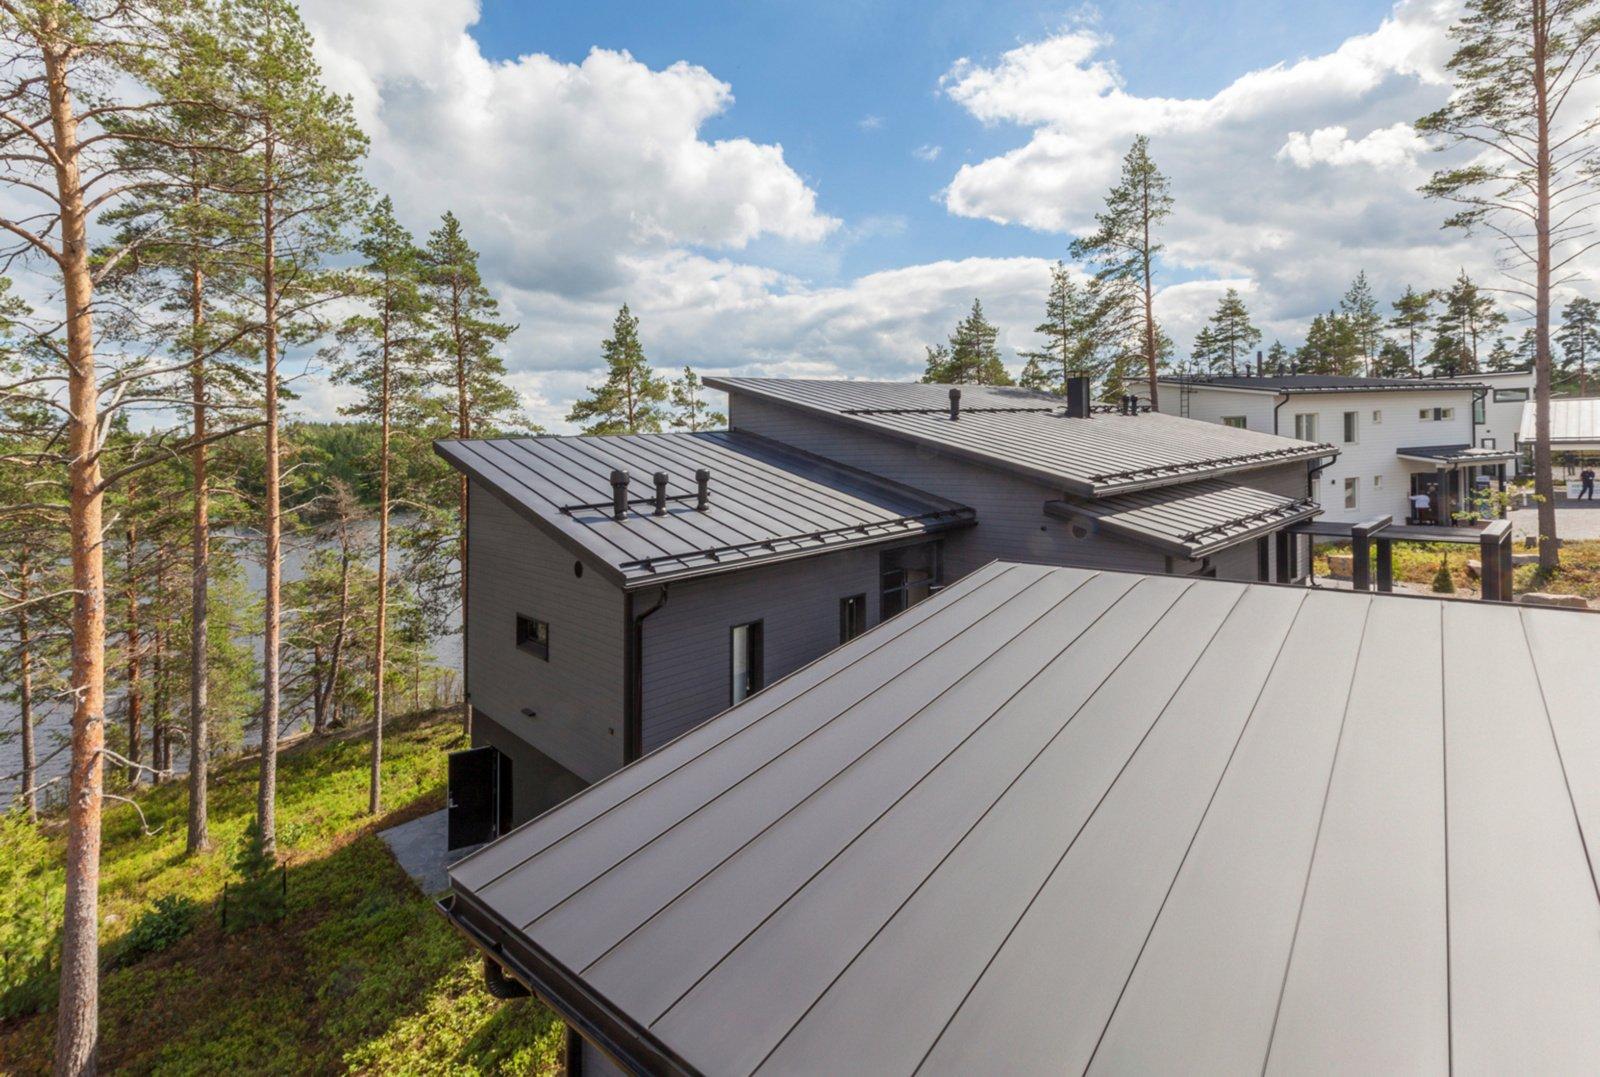 """Klaidos, kurios gali ženkliai sutrumpinti jūsų stogo """"gyvenimą"""": ar skiriate tam dėmesio?"""